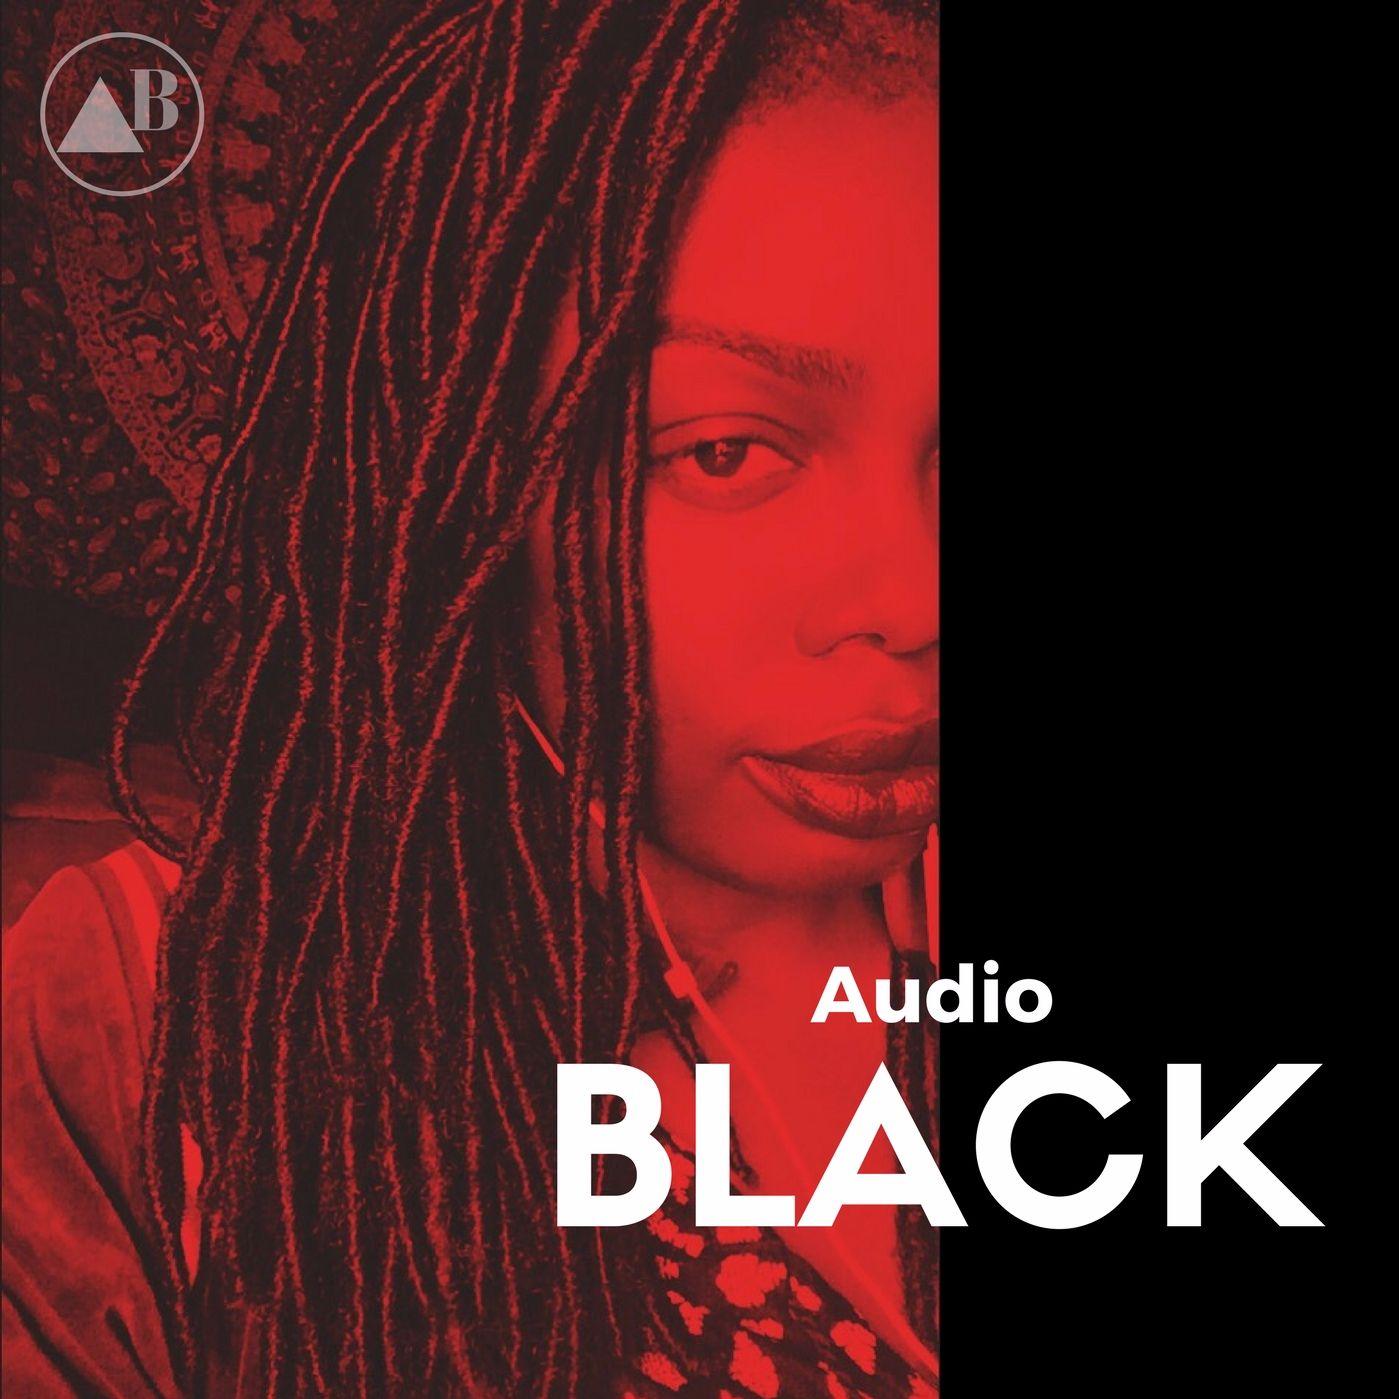 Audio Black